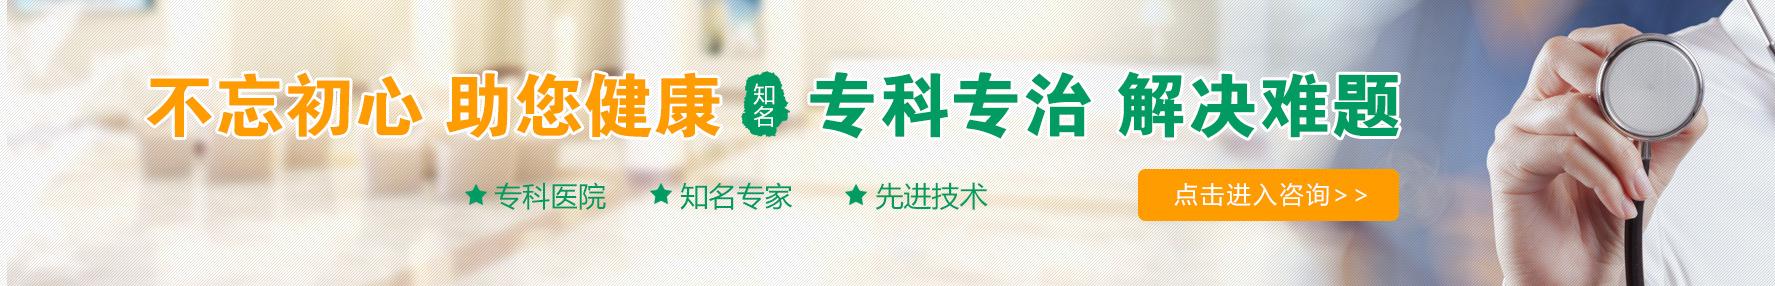 上海儿科医院